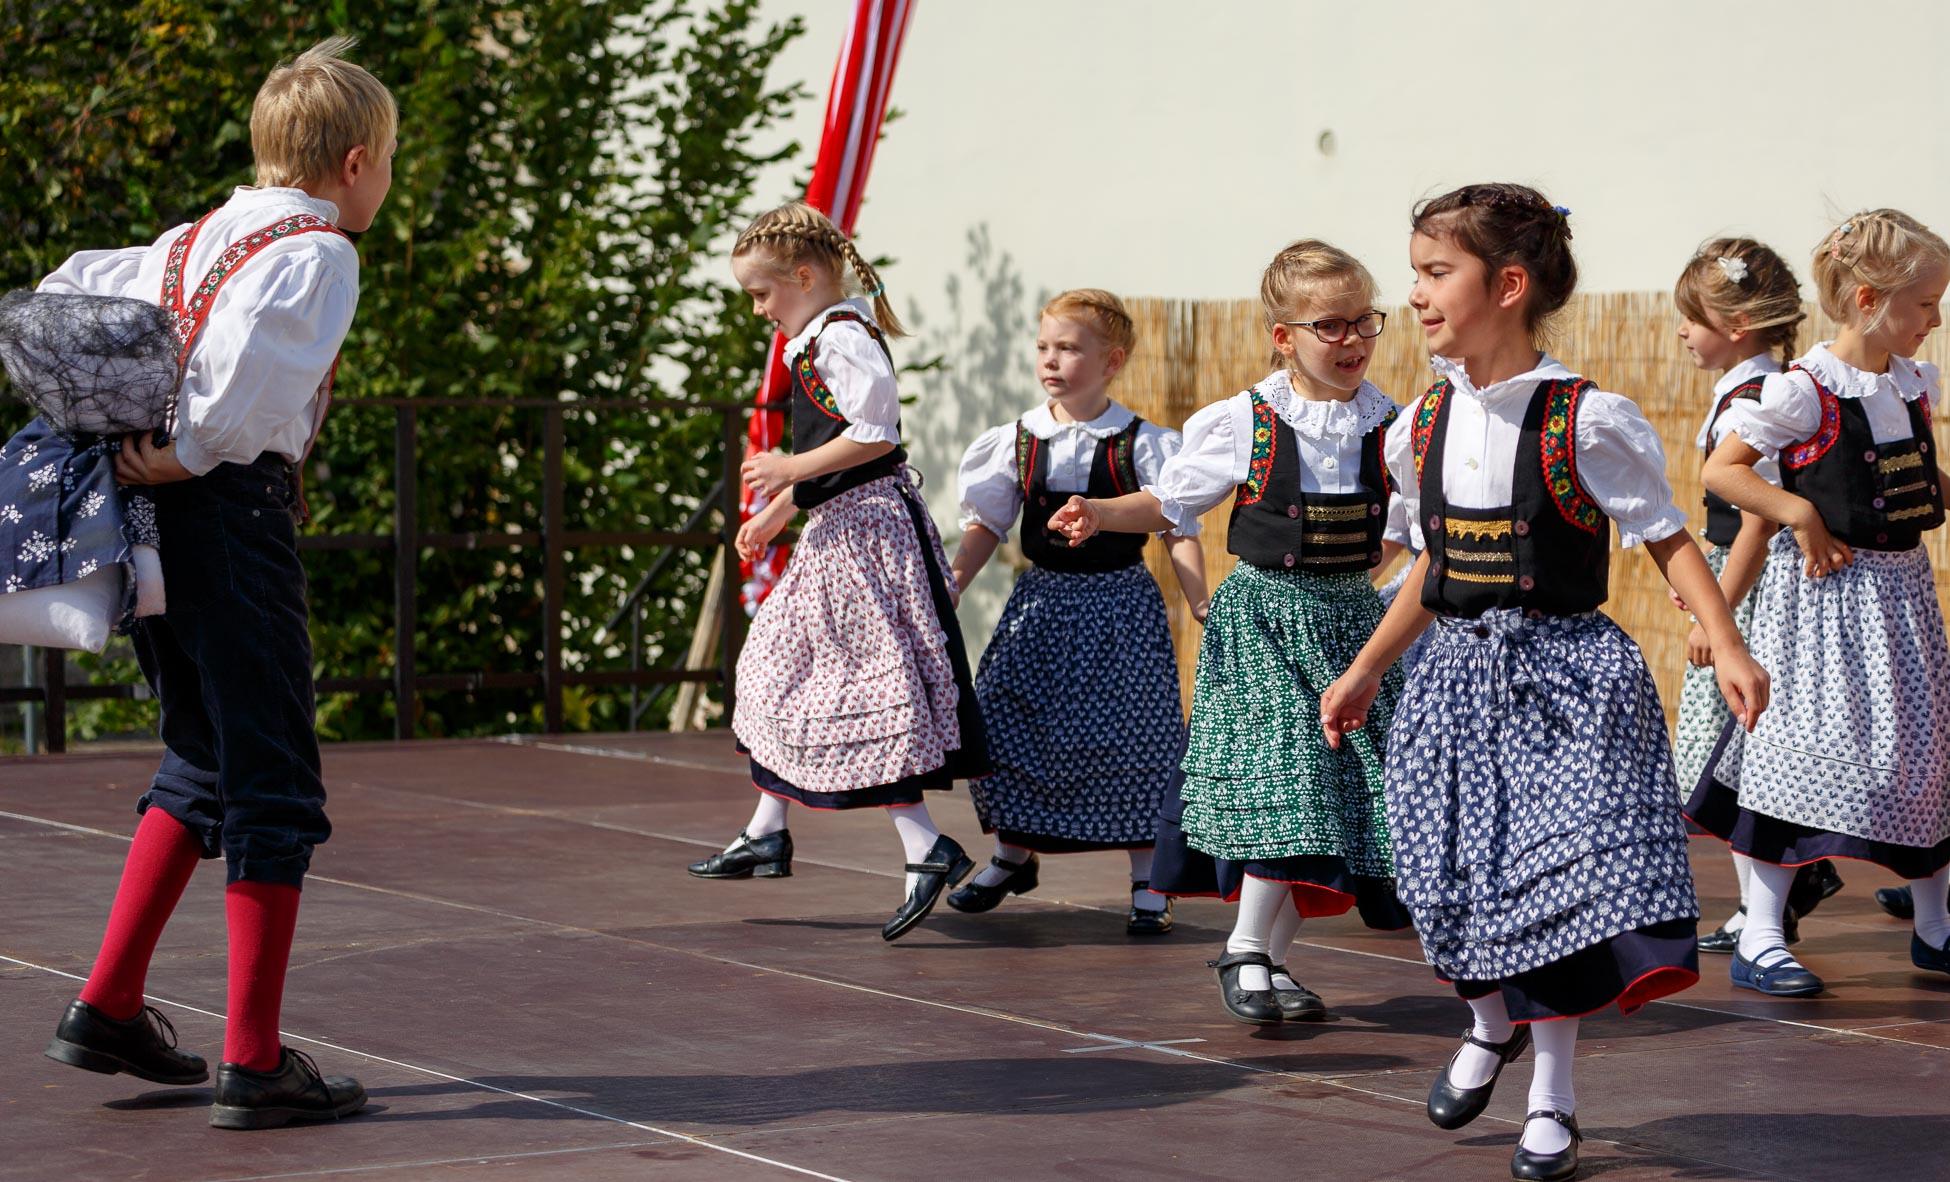 Gruppe Ricarda Metz-Neubacher: Montag von 16:15 bis 17:00 Uhr, Altersjahrgänge 2010 bis 2012